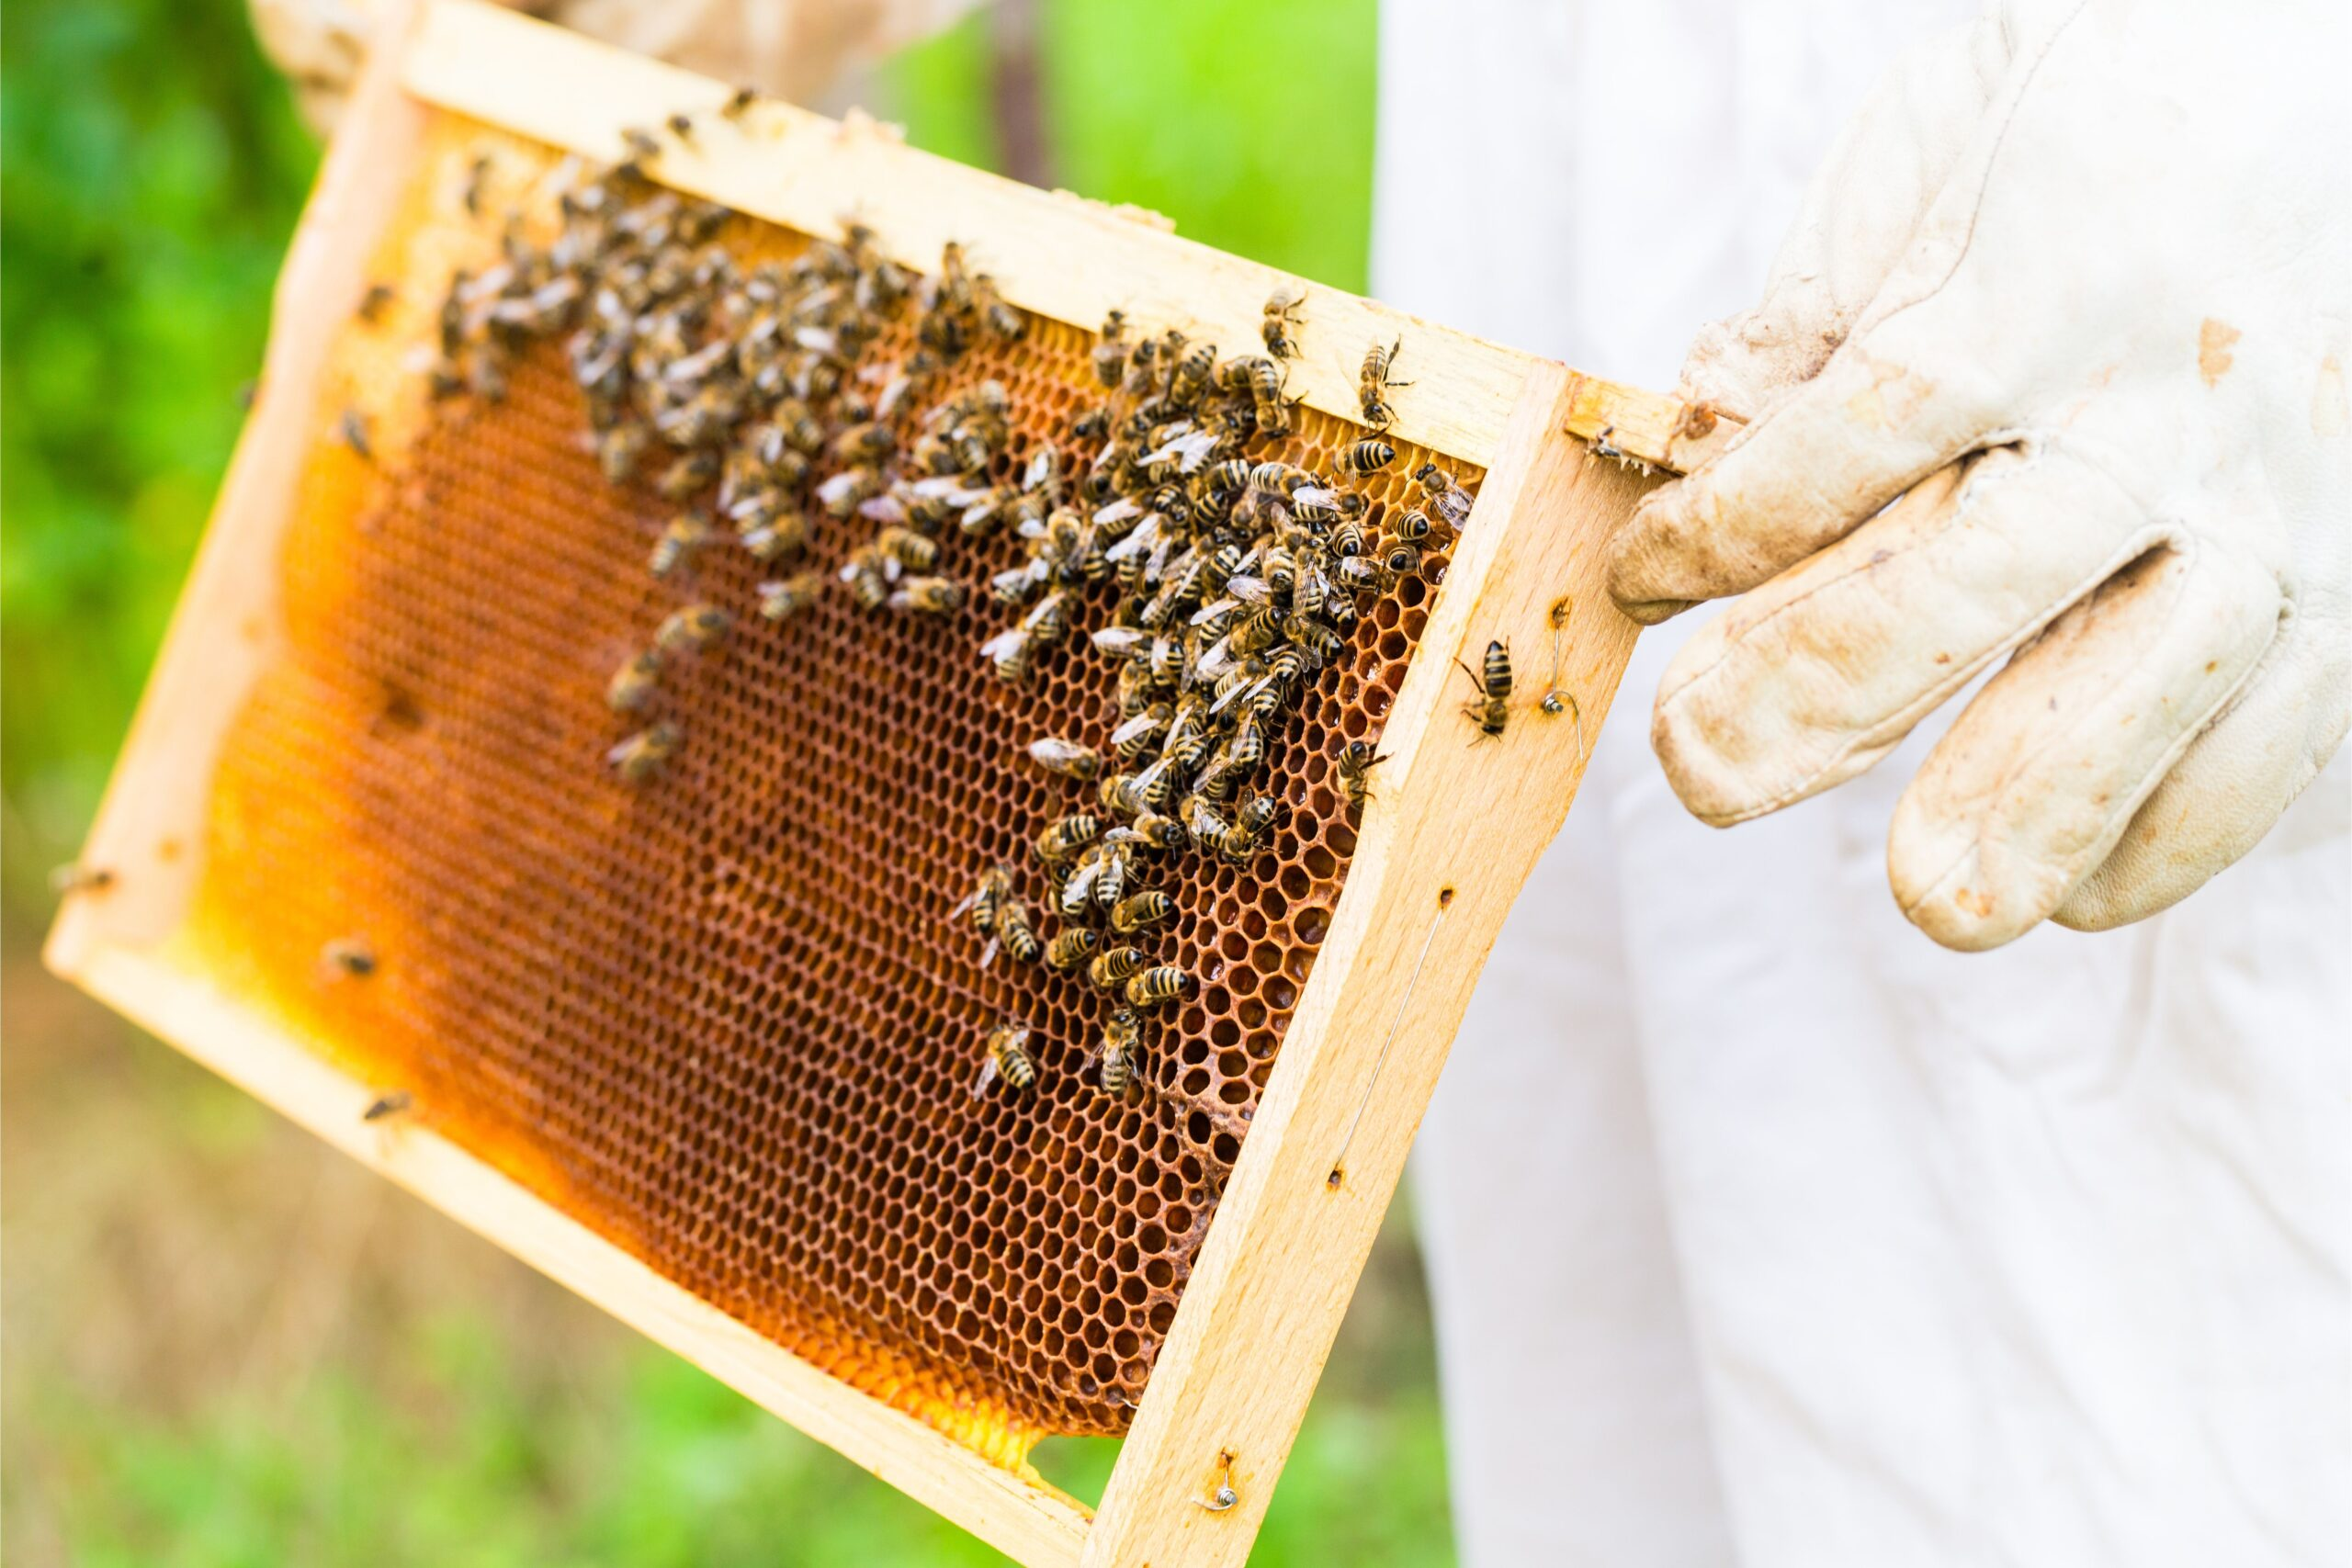 μελισσοκομία1 scaled